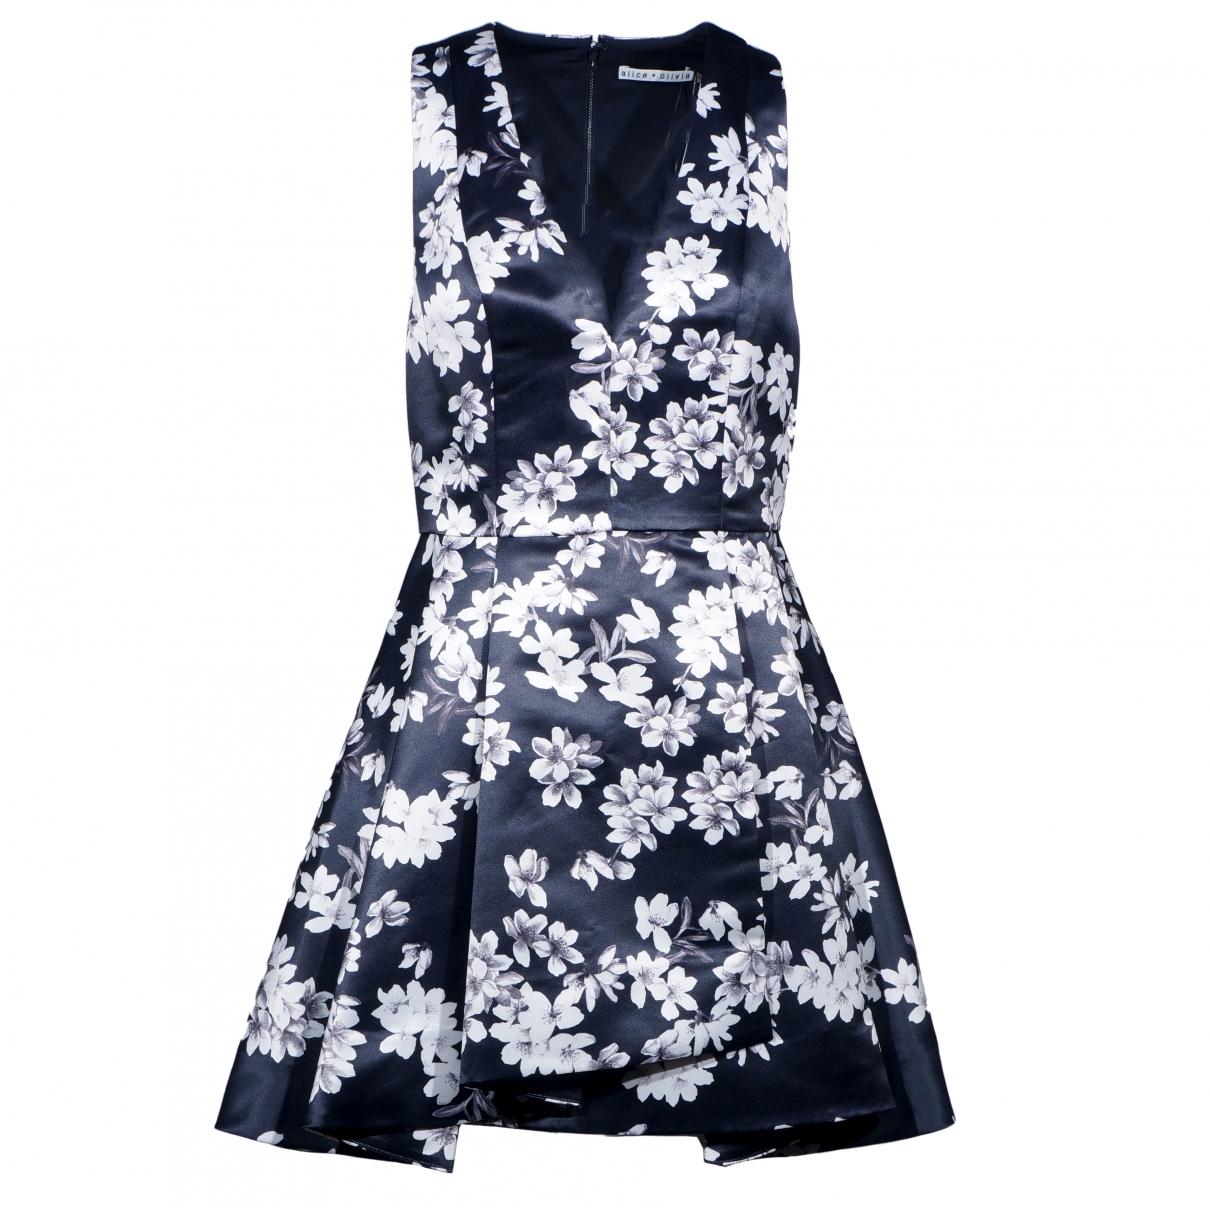 Alice & Olivia \N Black dress for Women 8 US